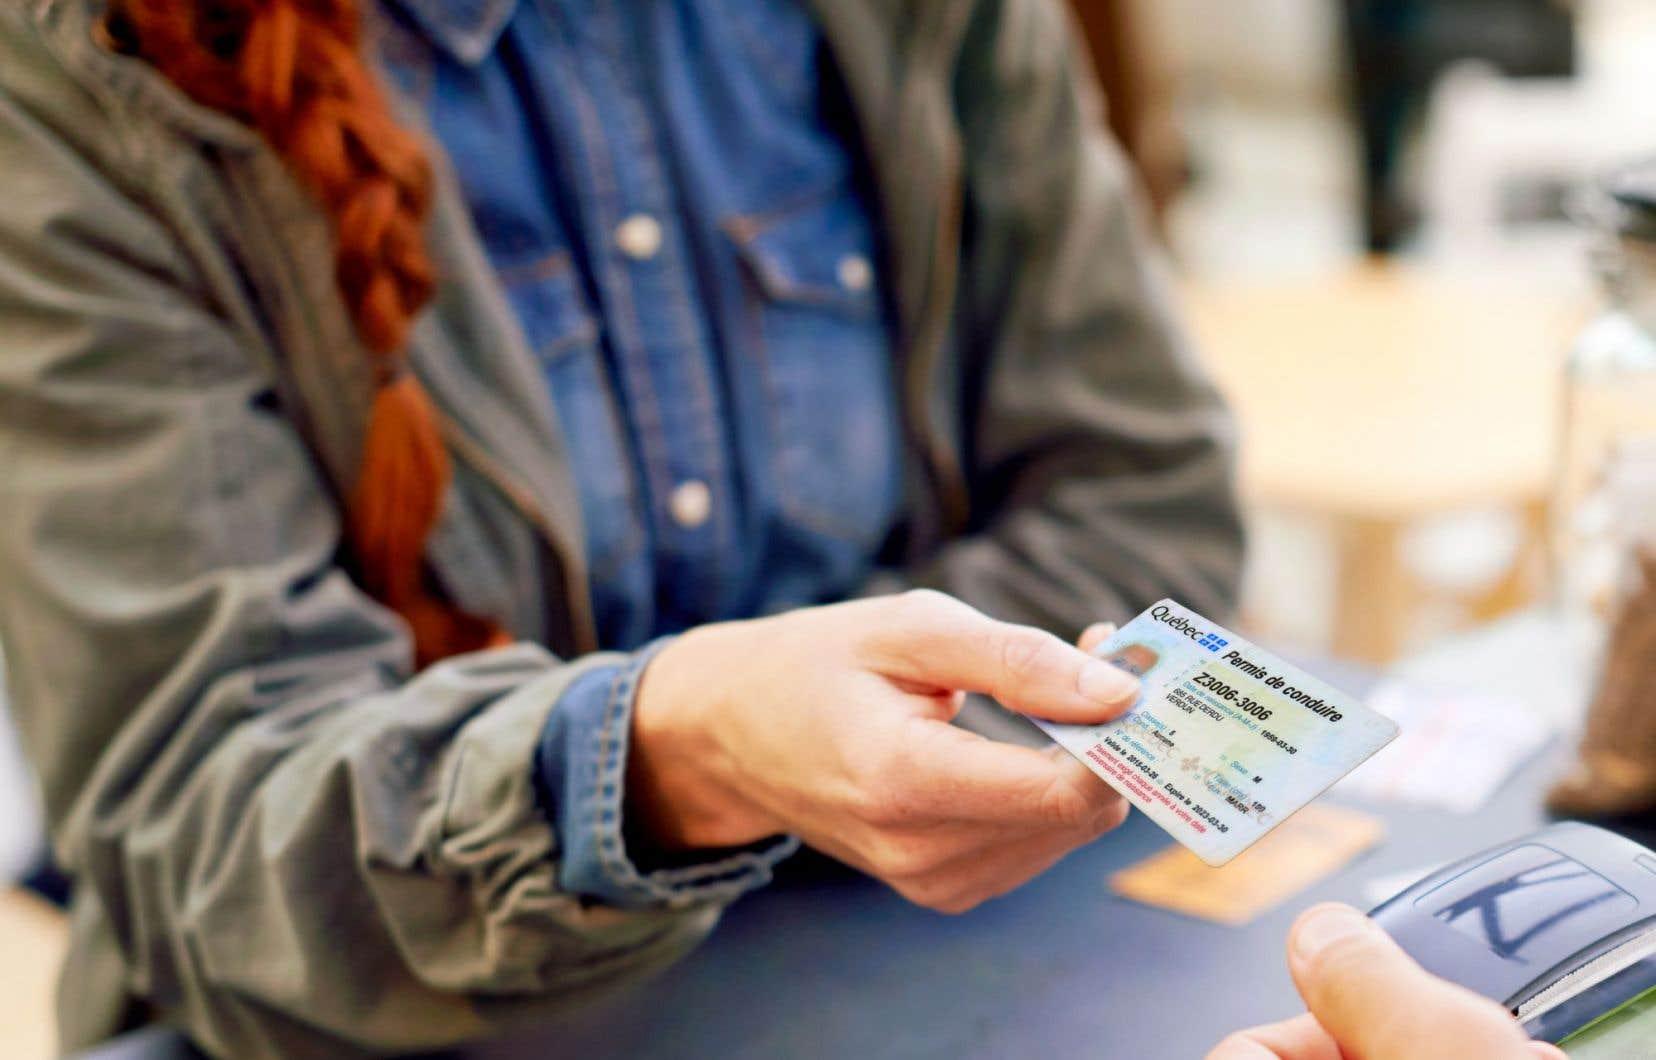 Le permis de conduire québécois a déjà fait l'objet de changements à l'automne 2015, afin de le rendre plus difficile à reproduire.